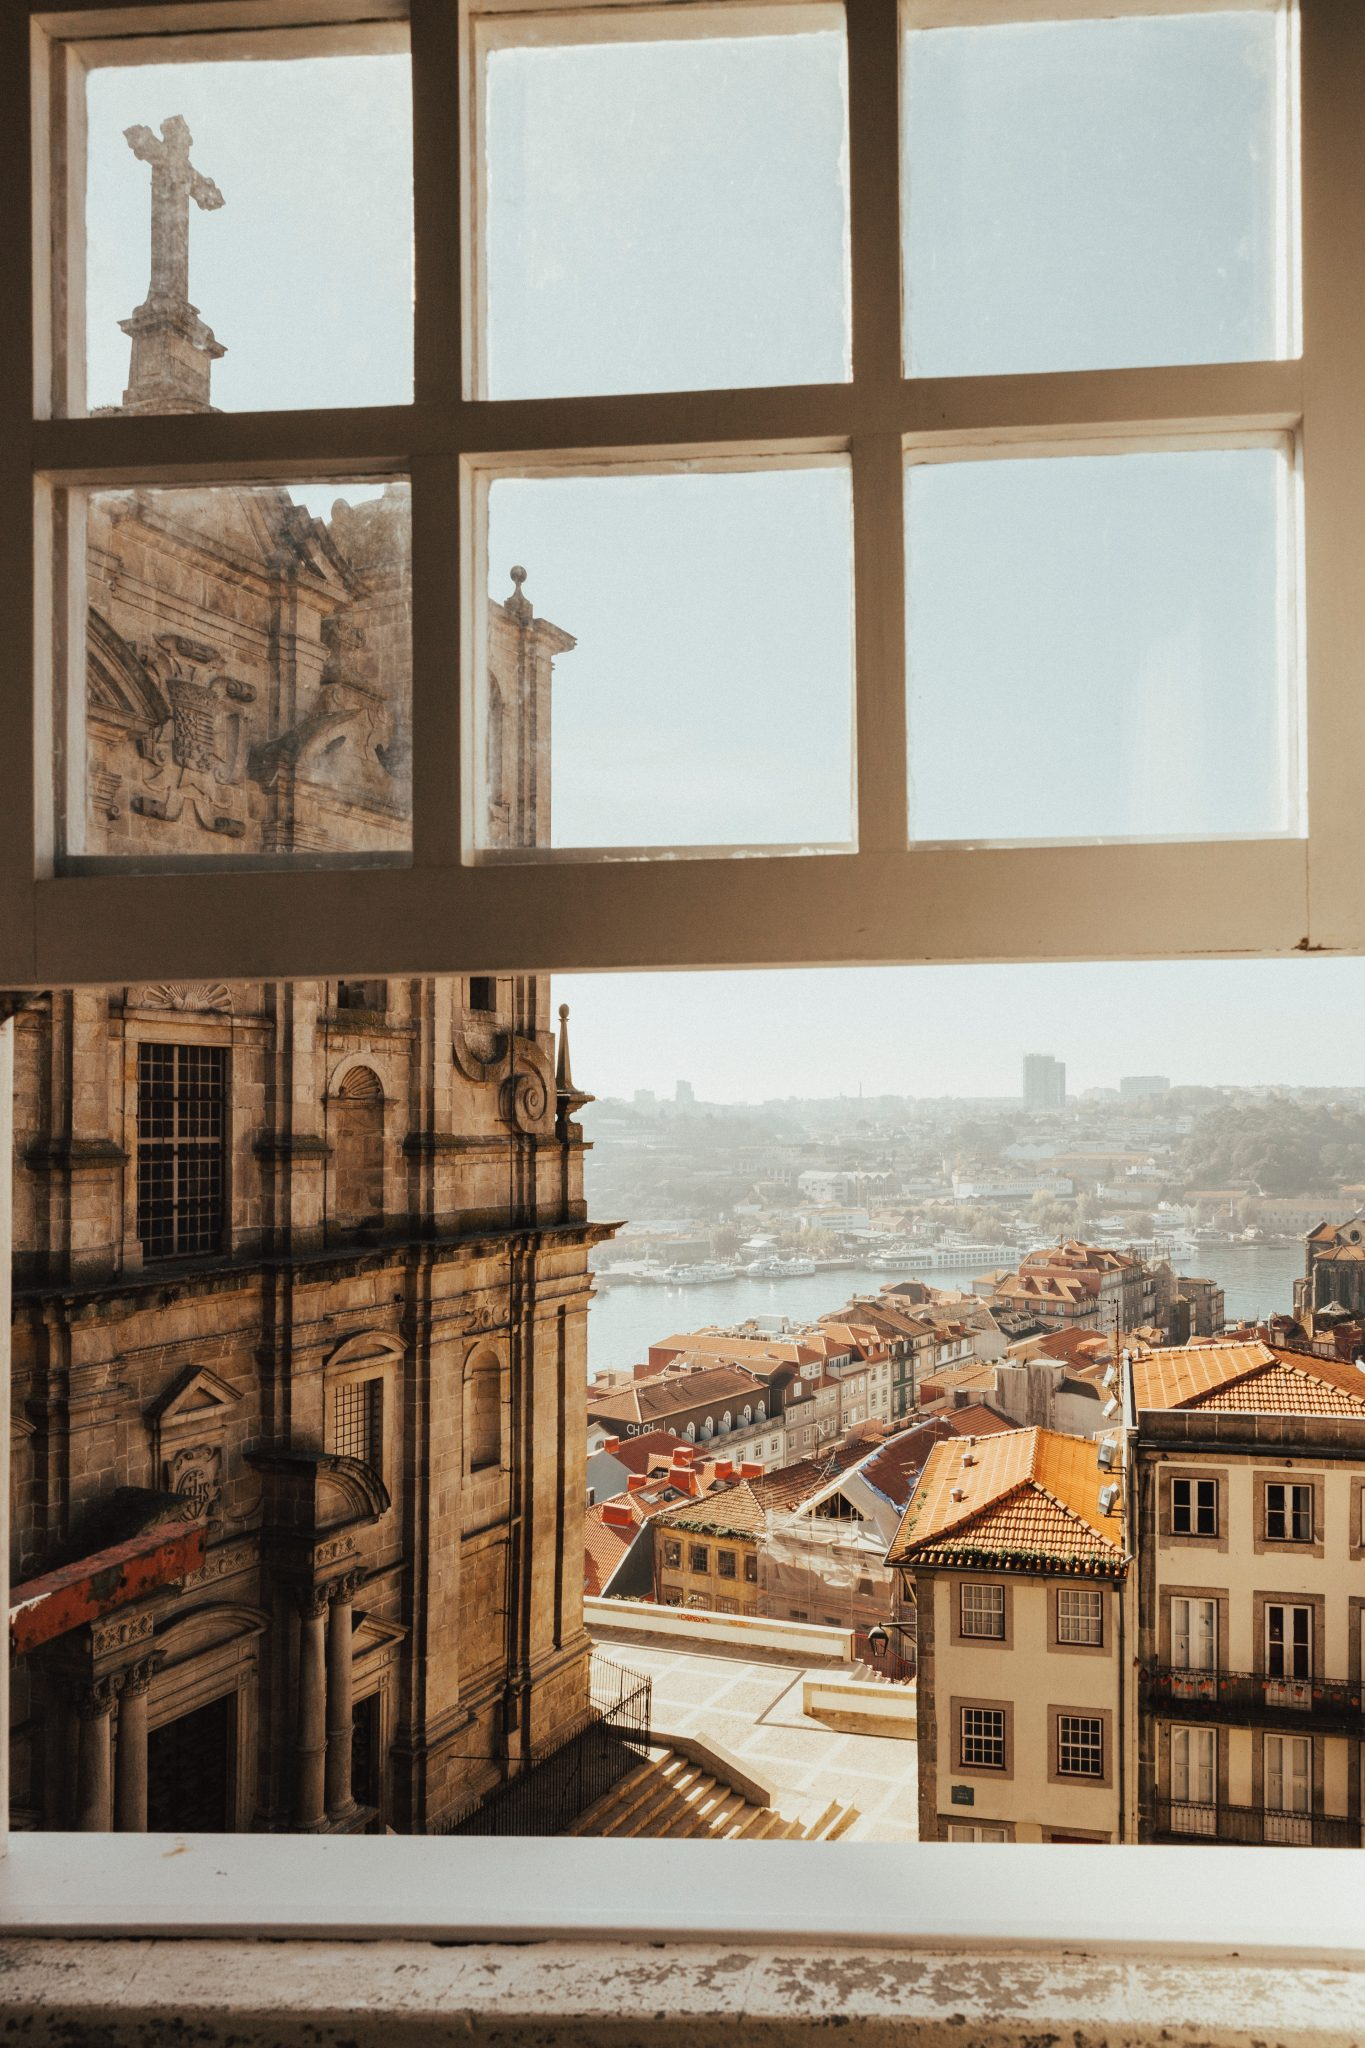 Vista de uma janela